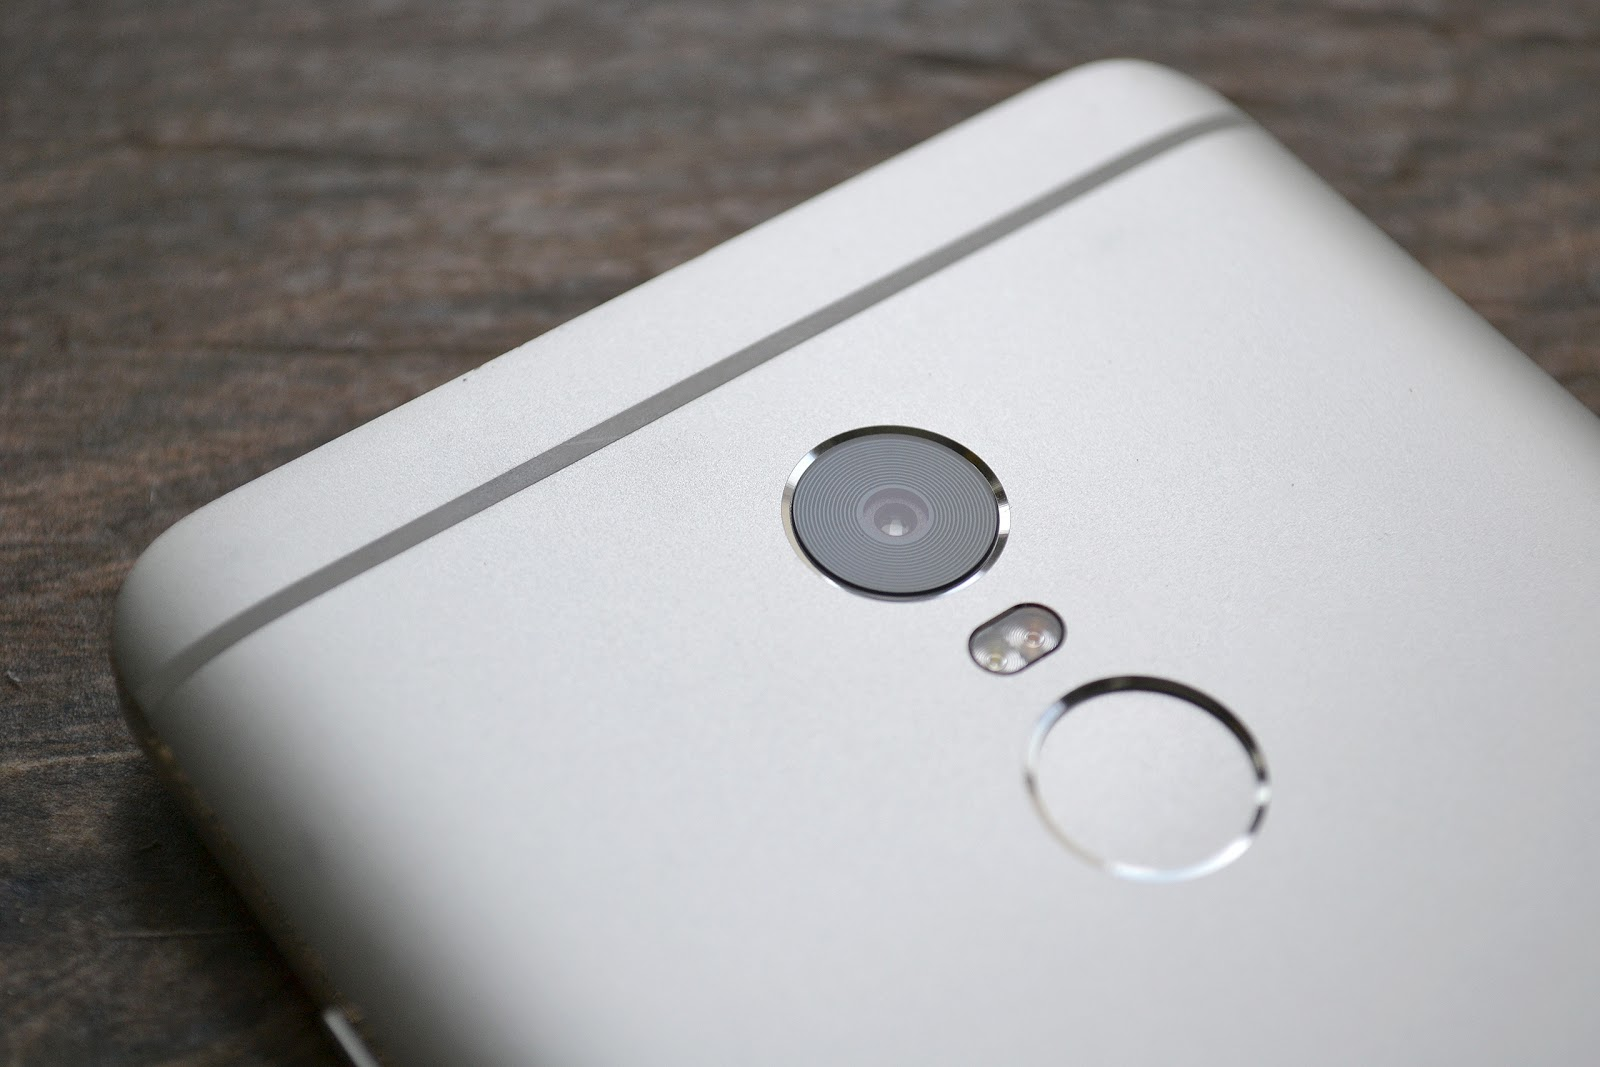 Xiaomi Redmi Note 4: доступный смартпэд - 16